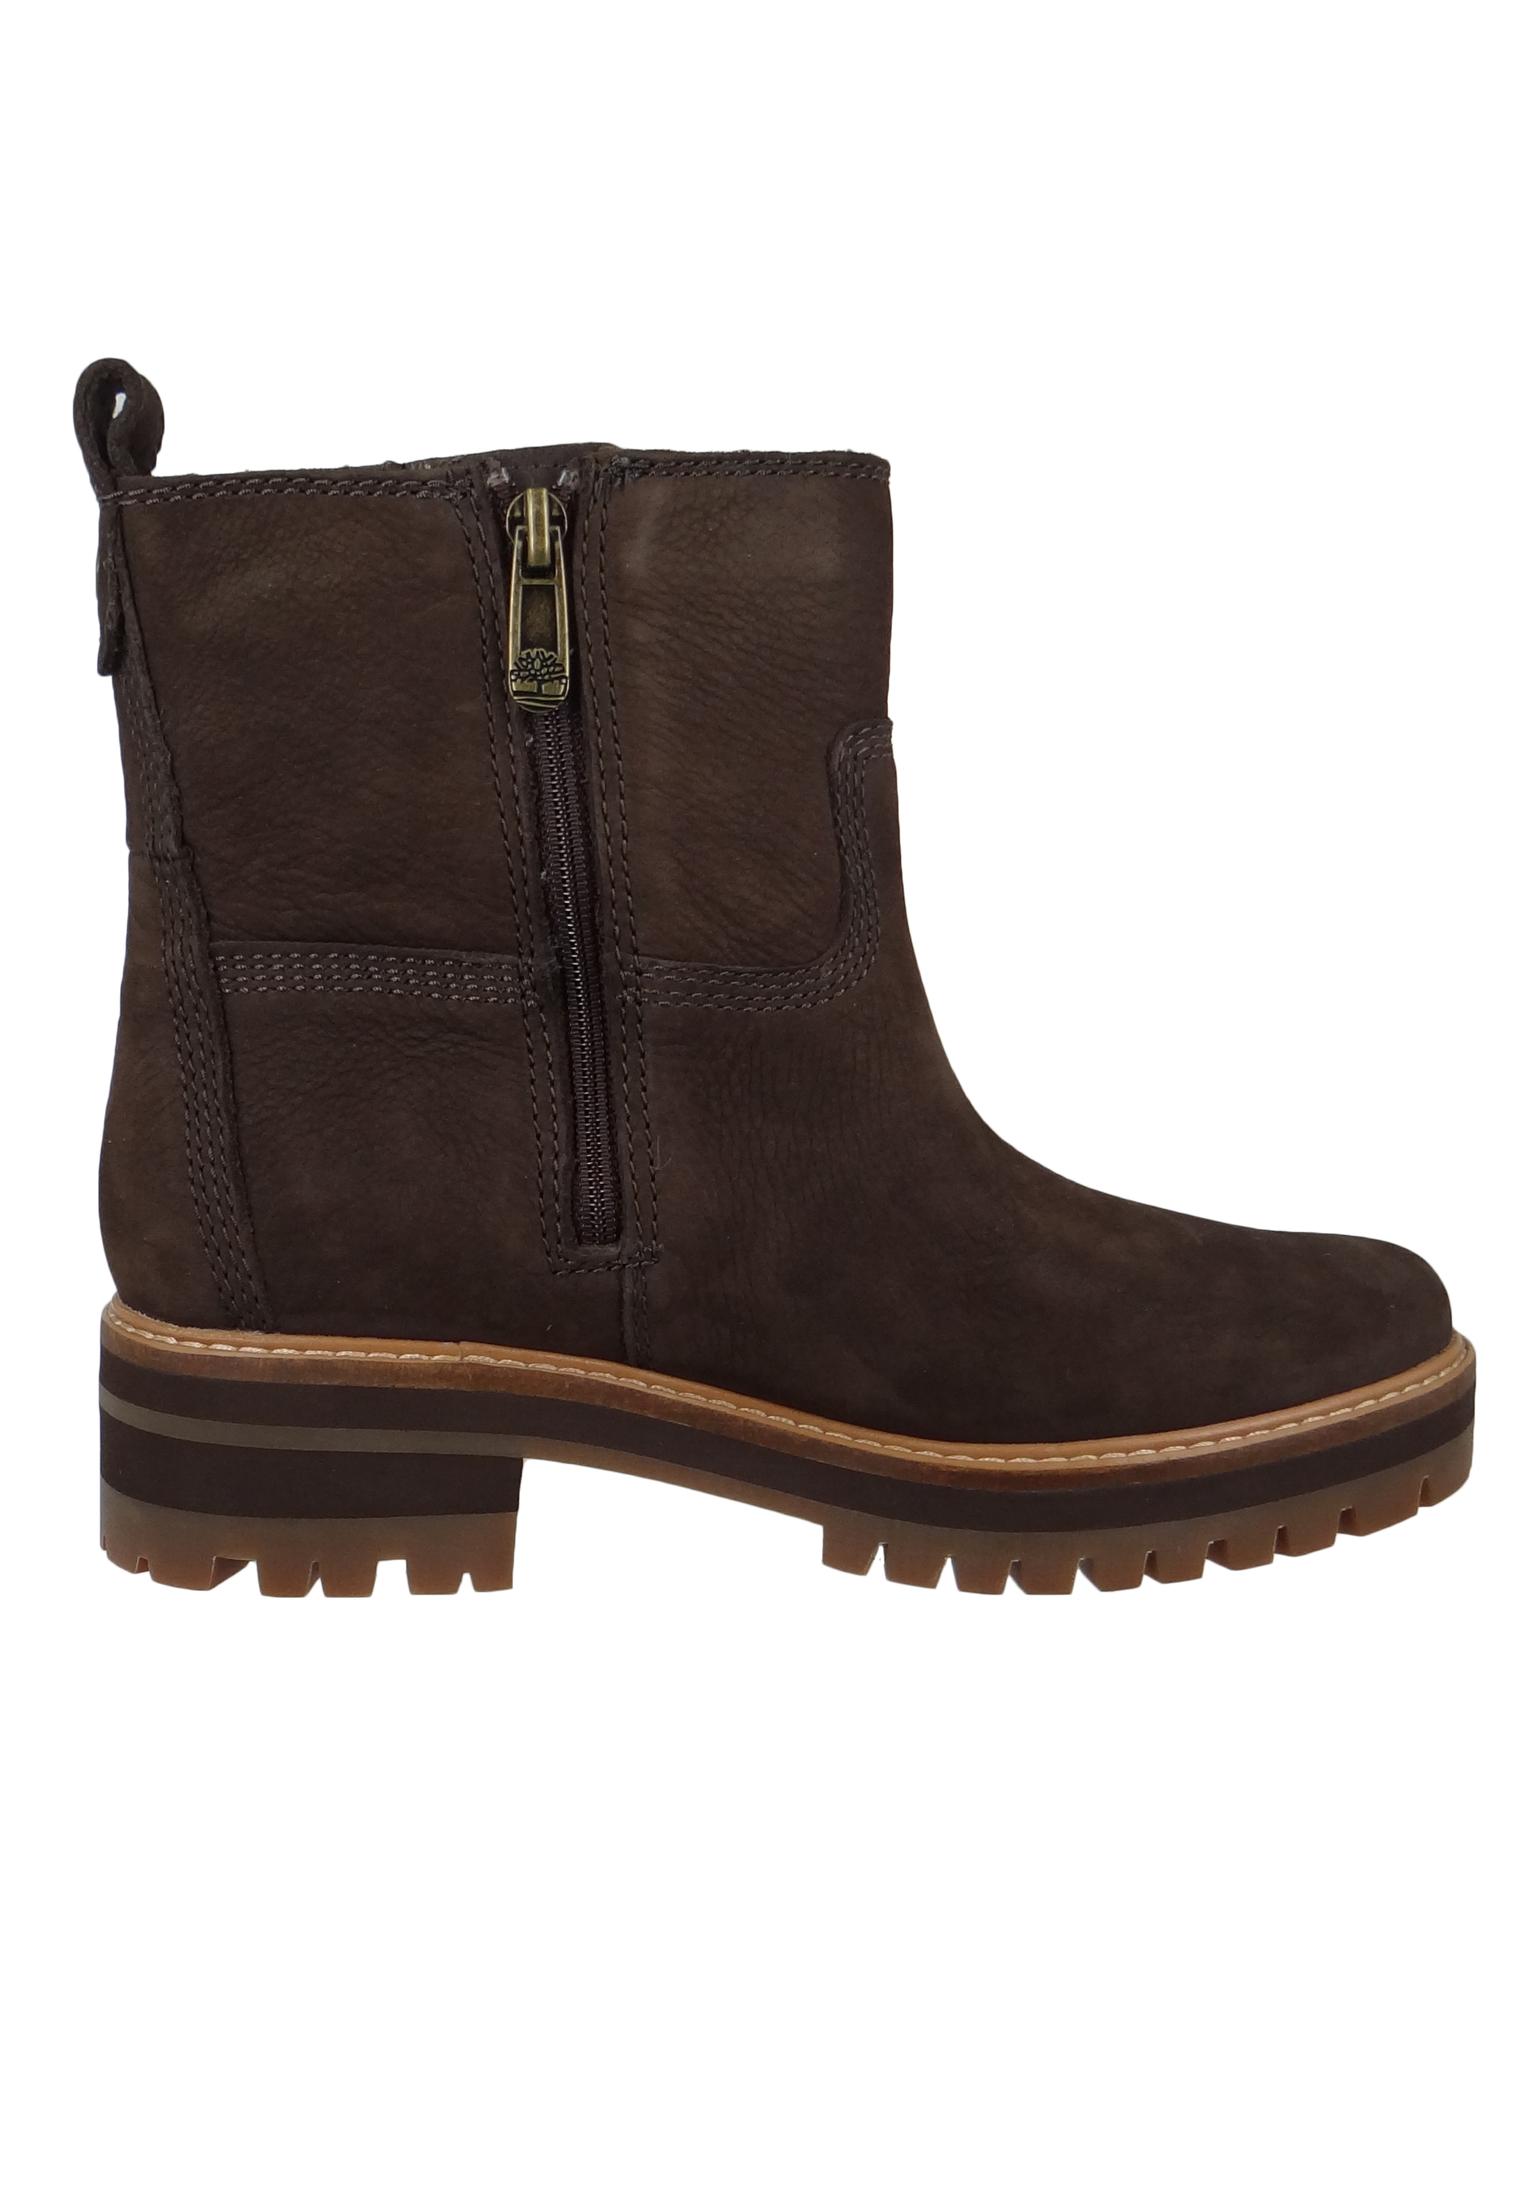 Timberland A2576 Courmayeur Valley Faux Fur Boot Damen Leder Stiefelette Dark Brown Nubuck Braun